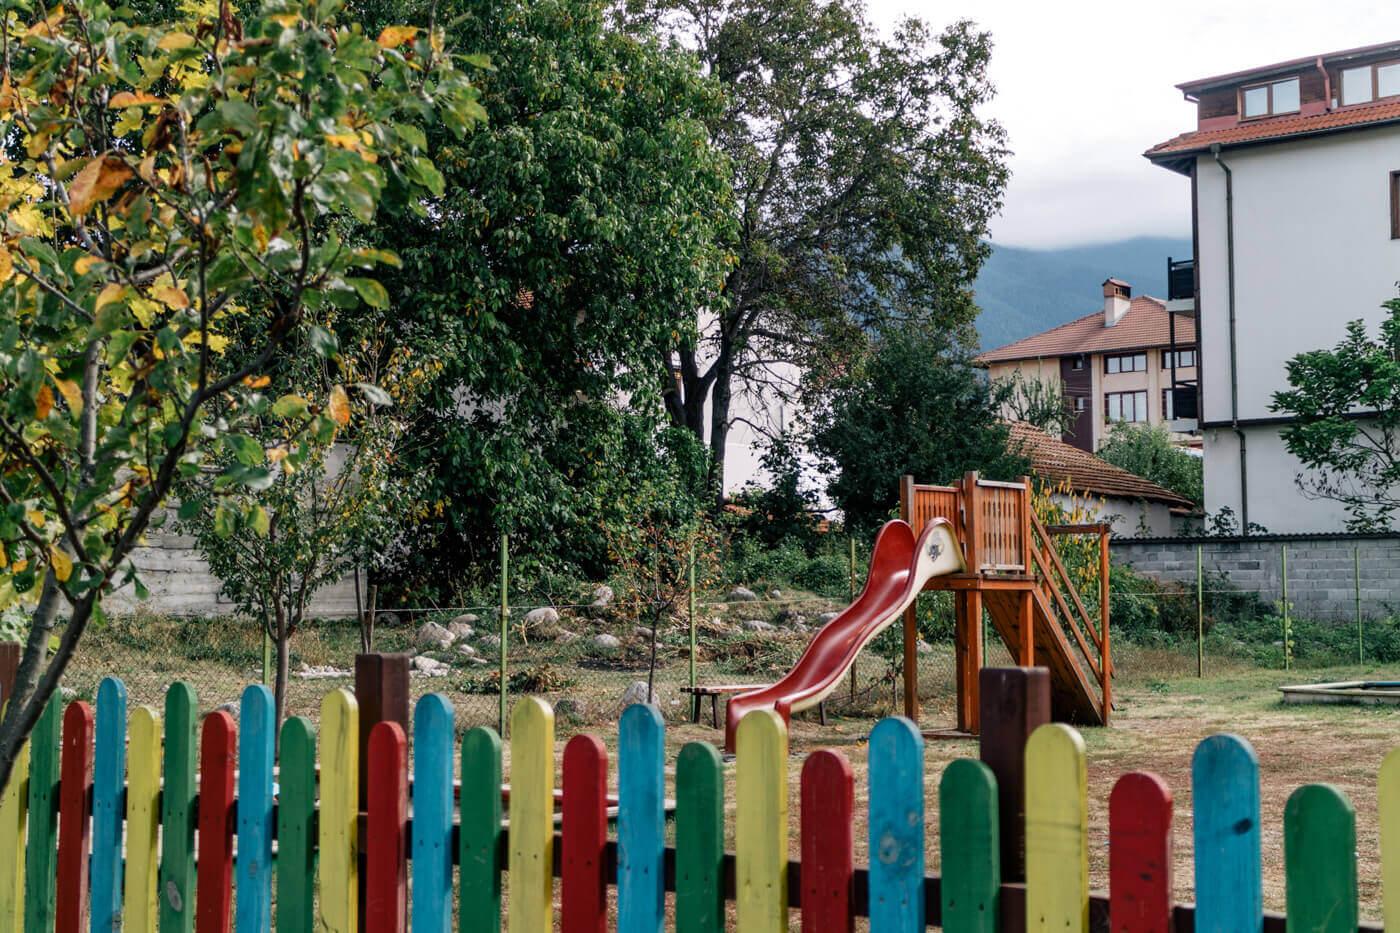 静かな住宅地にある小さな公園